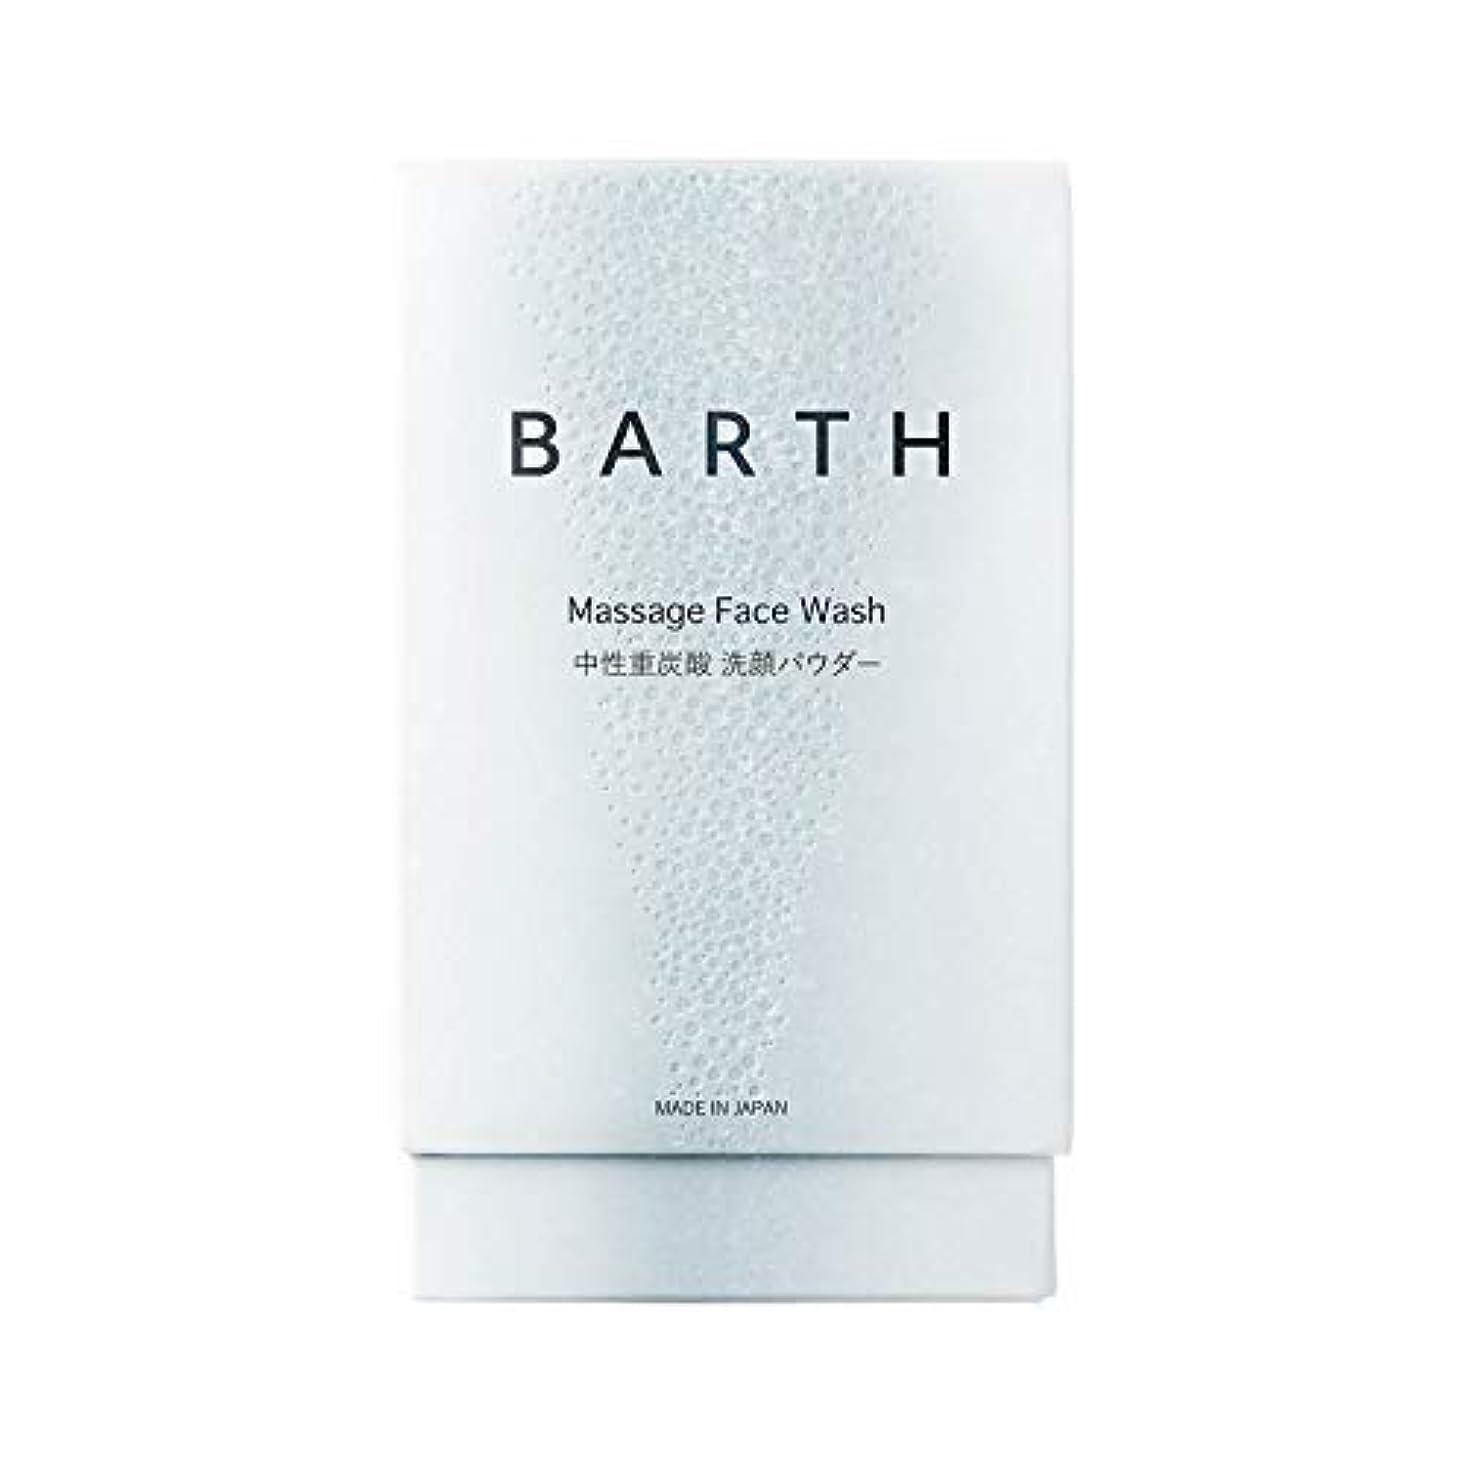 ジャンプ思い出させる徹底的にBARTH【バース】中性 重炭酸 洗顔パウダー 30包タイプ(無添加 炭酸パック 洗顔料 個包装タイプ)